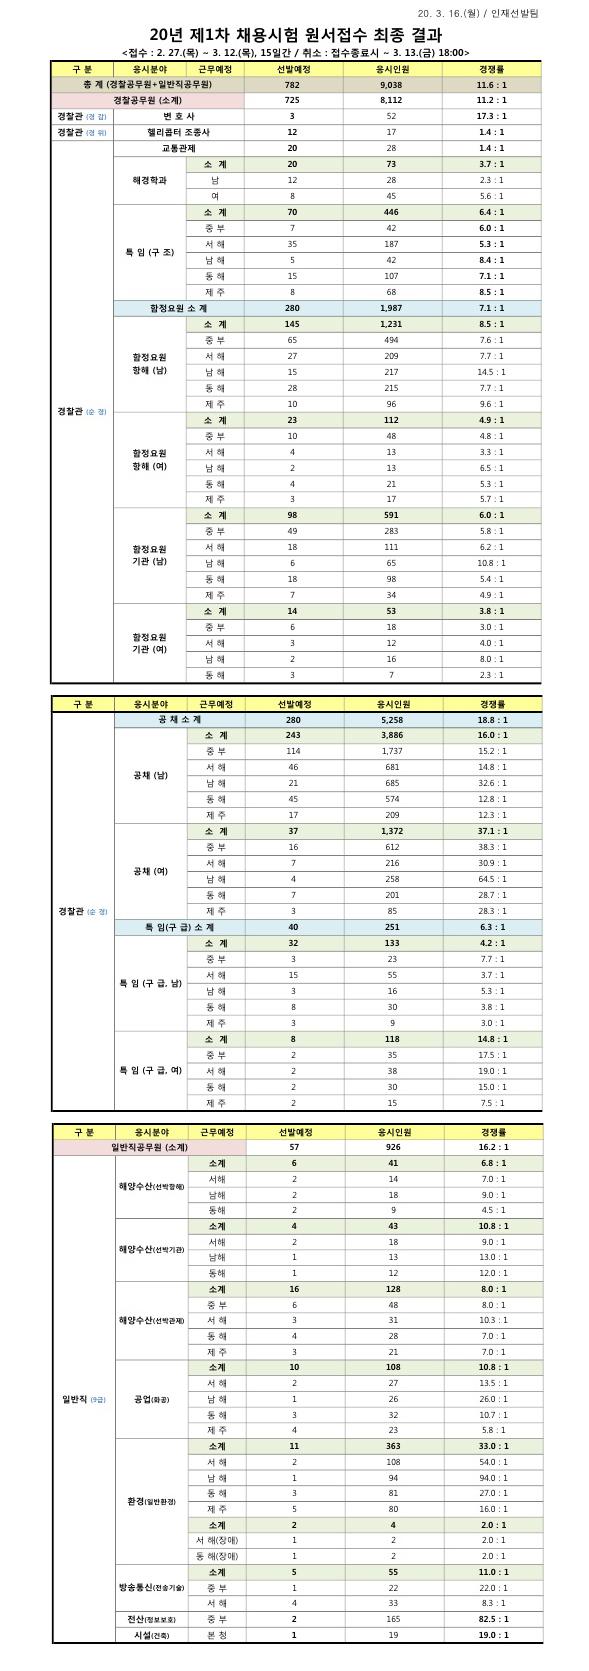 200317_해양경찰청_경쟁률.jpg